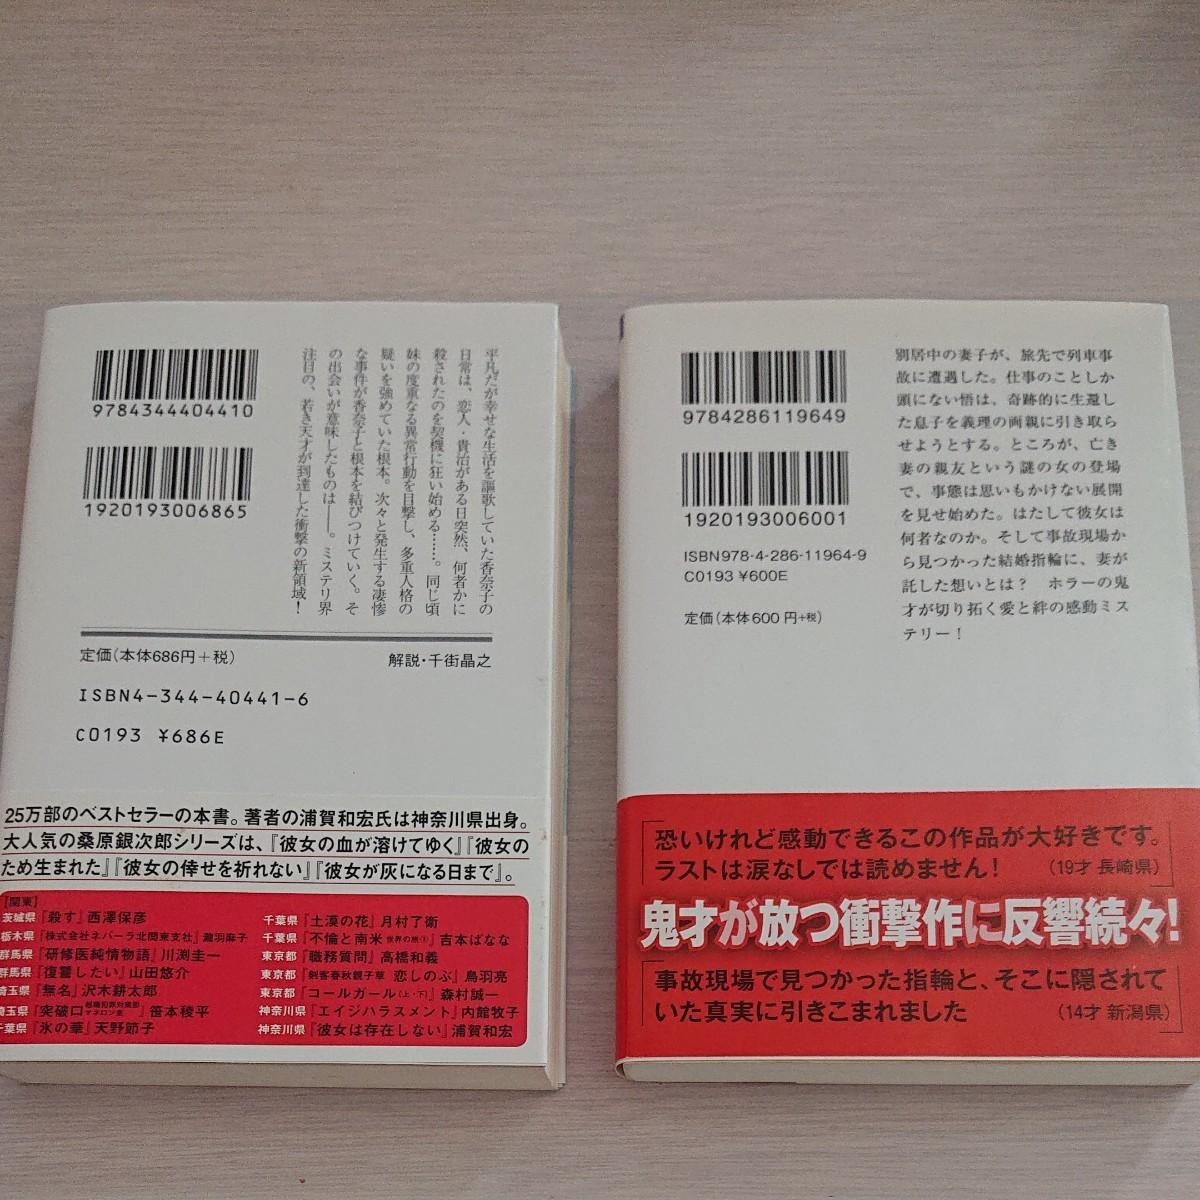 文庫本 小説 ミステリー 山田悠介 浦賀和宏 2冊セット